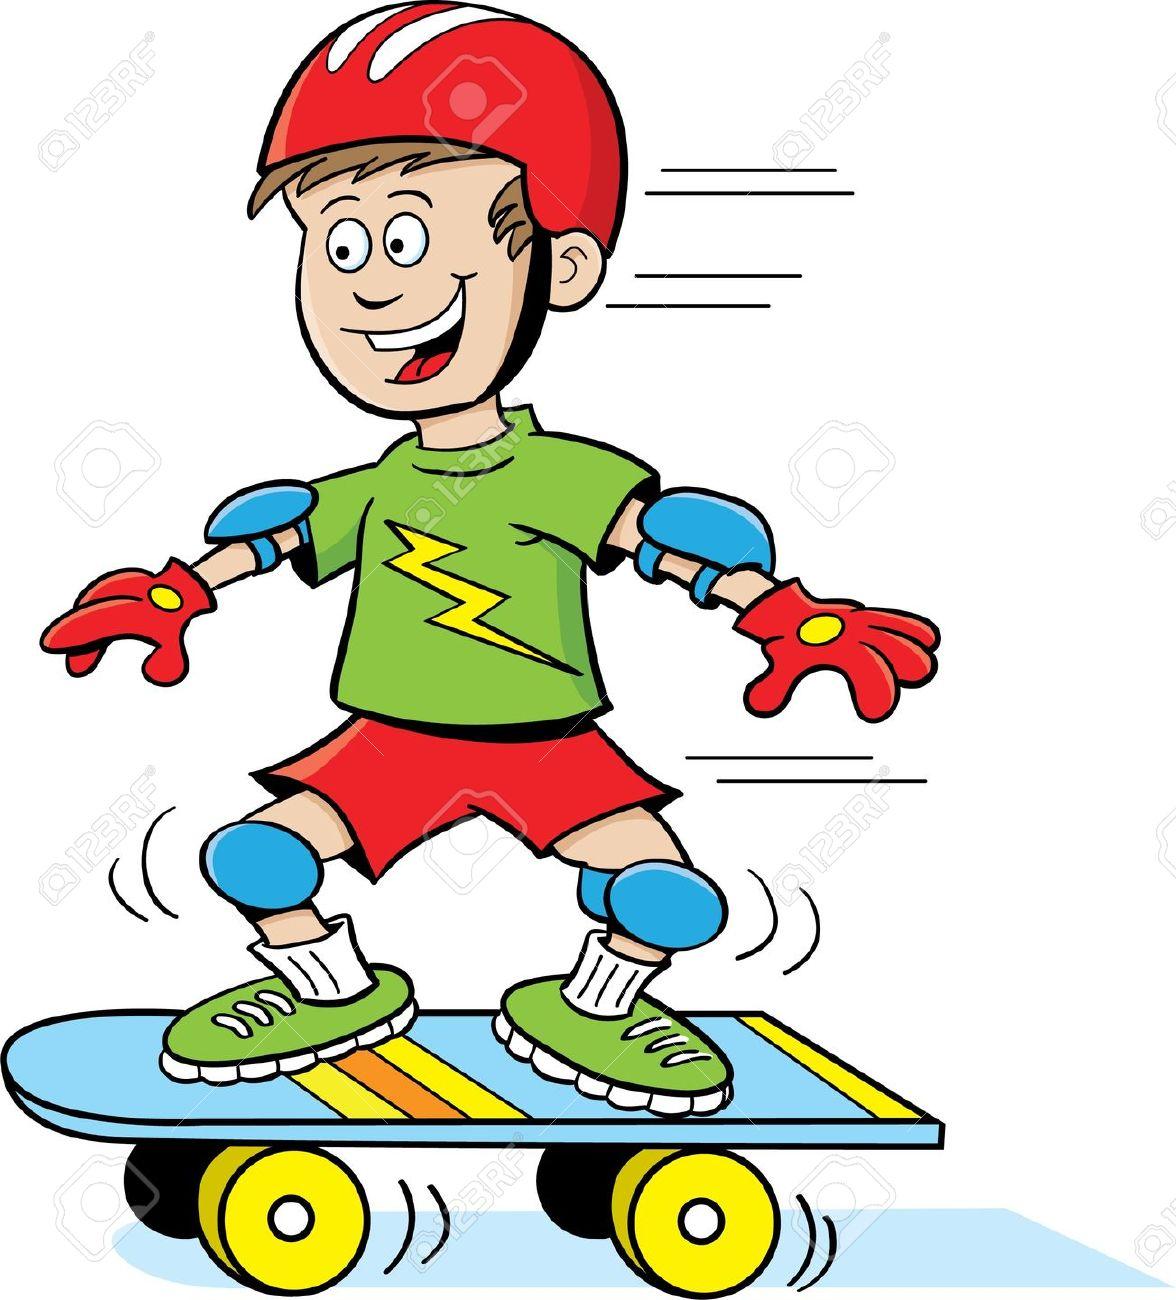 Skateboard clipart skateboarding #3